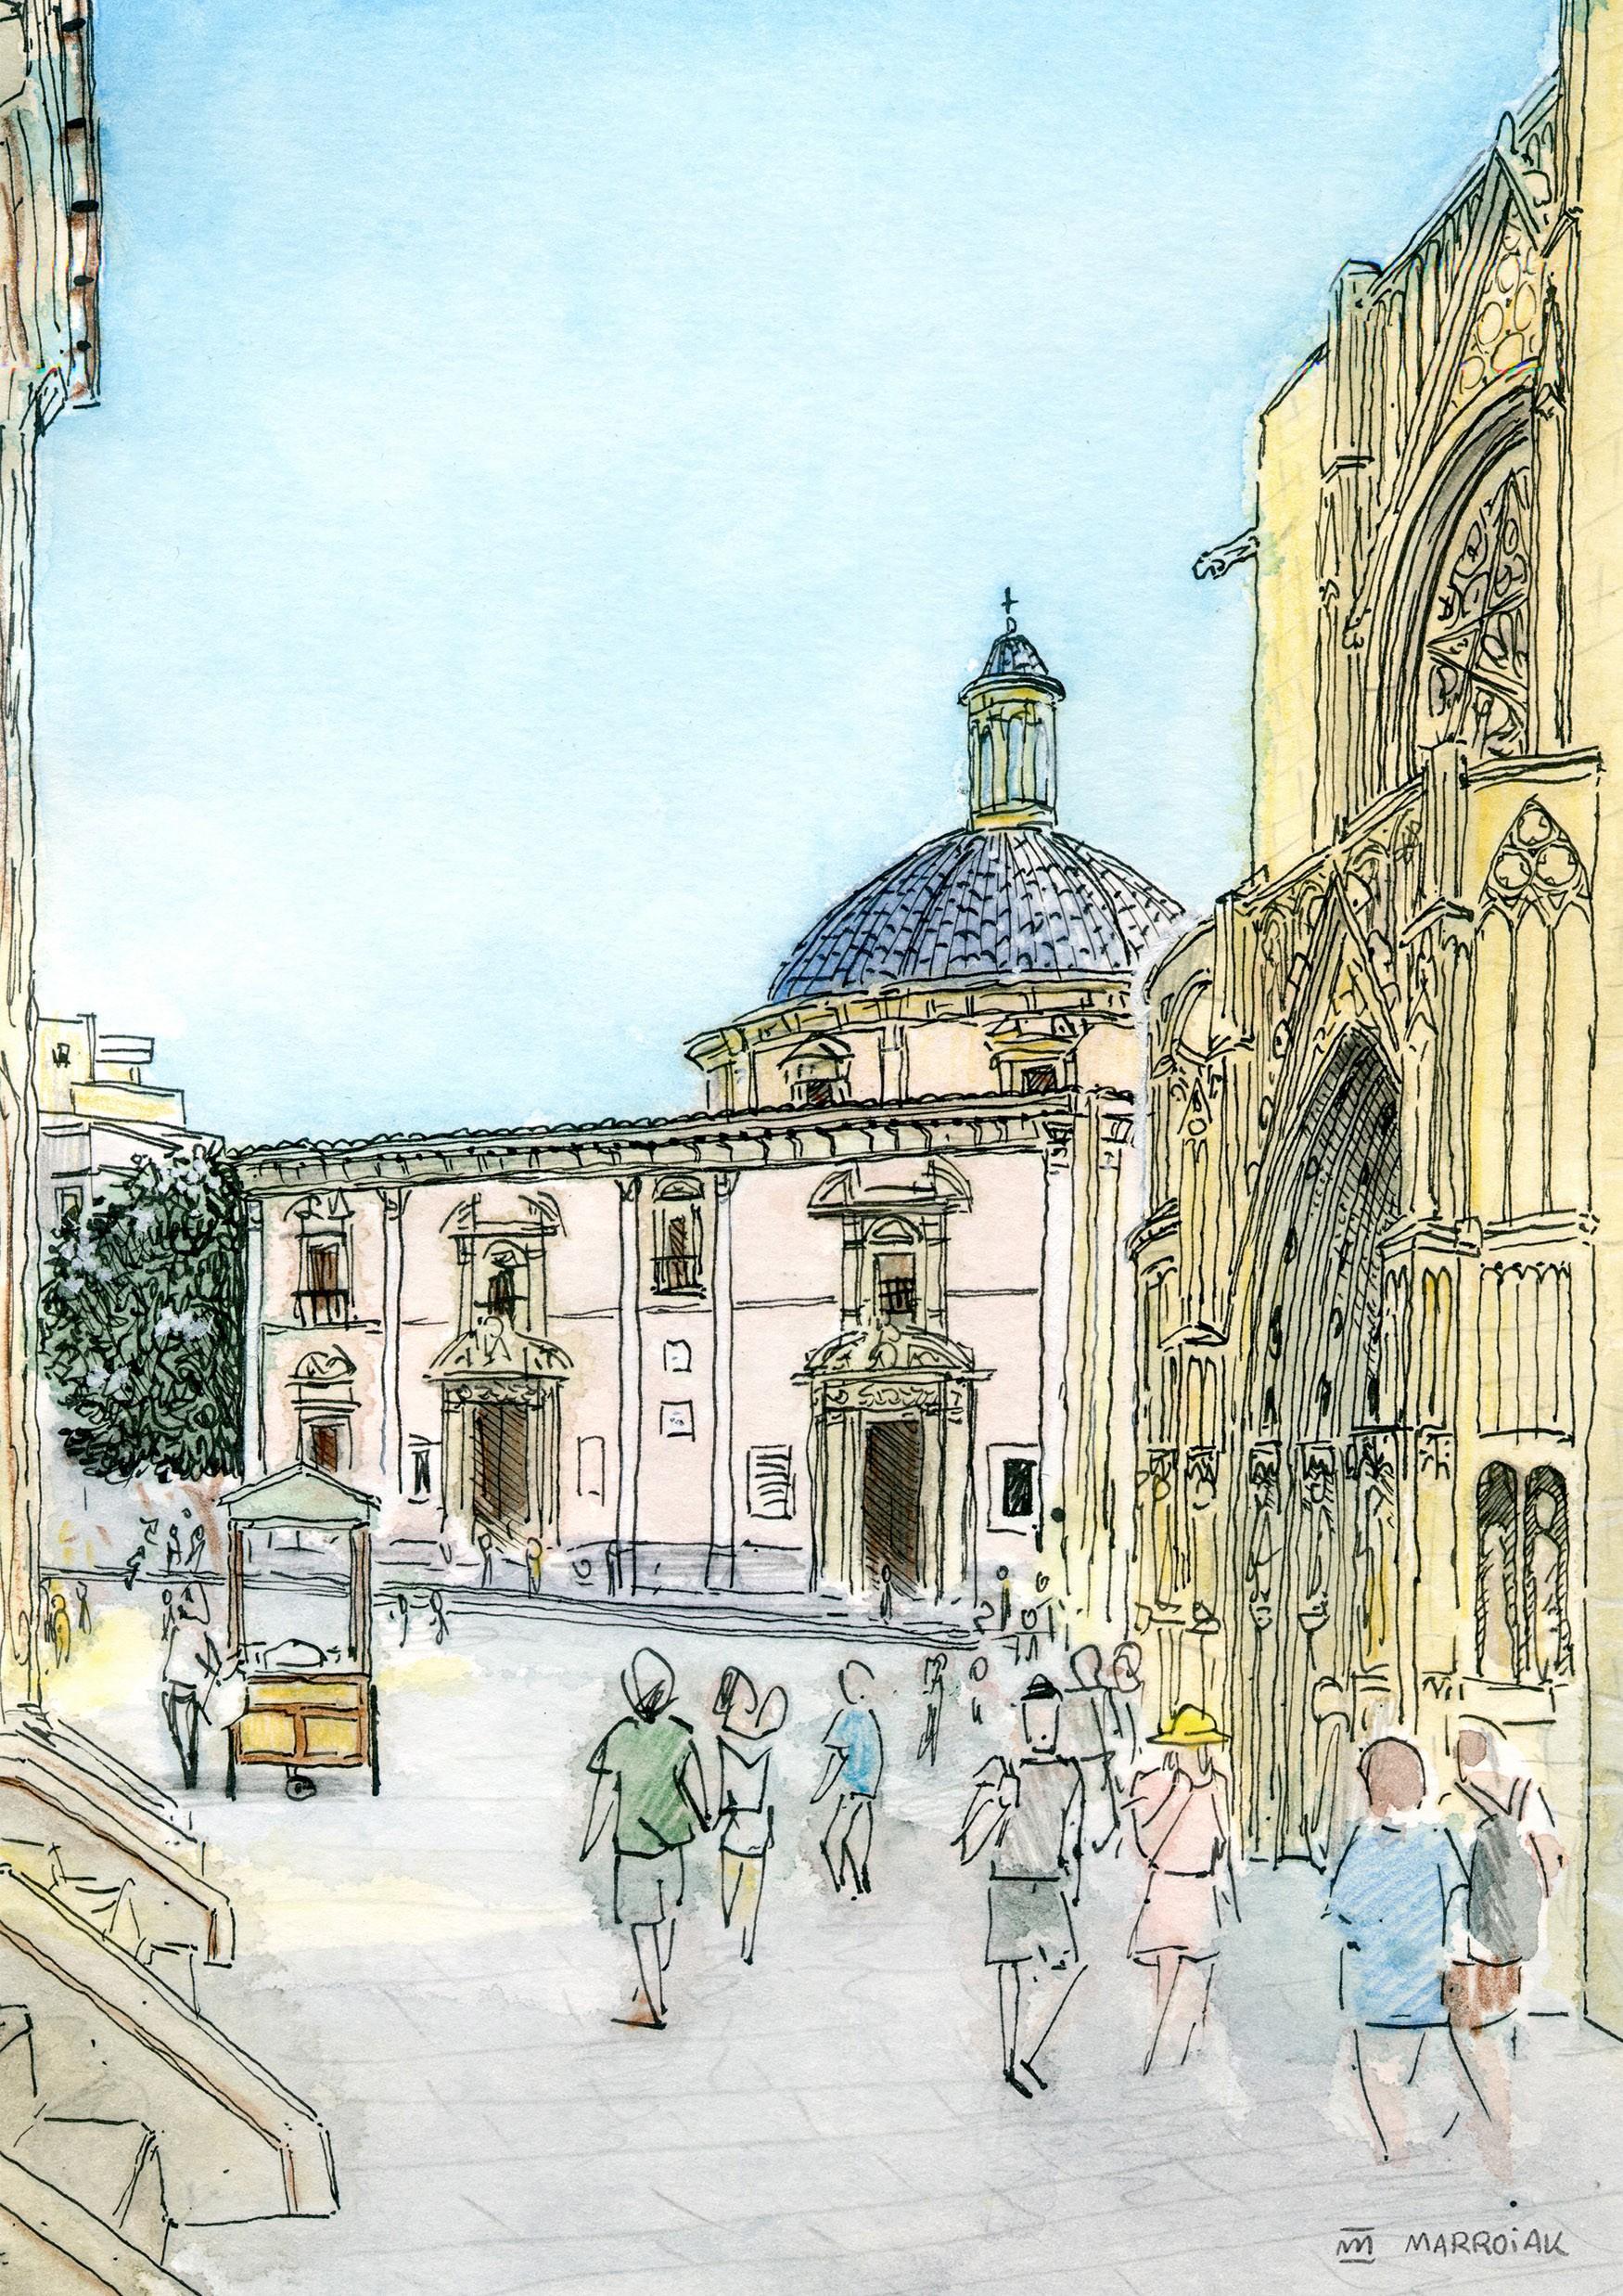 Dibujo en tinta y acuarela sobre papel de la plaza de la virgen en el barrio del carmen en Valencia. Urban Sketchers